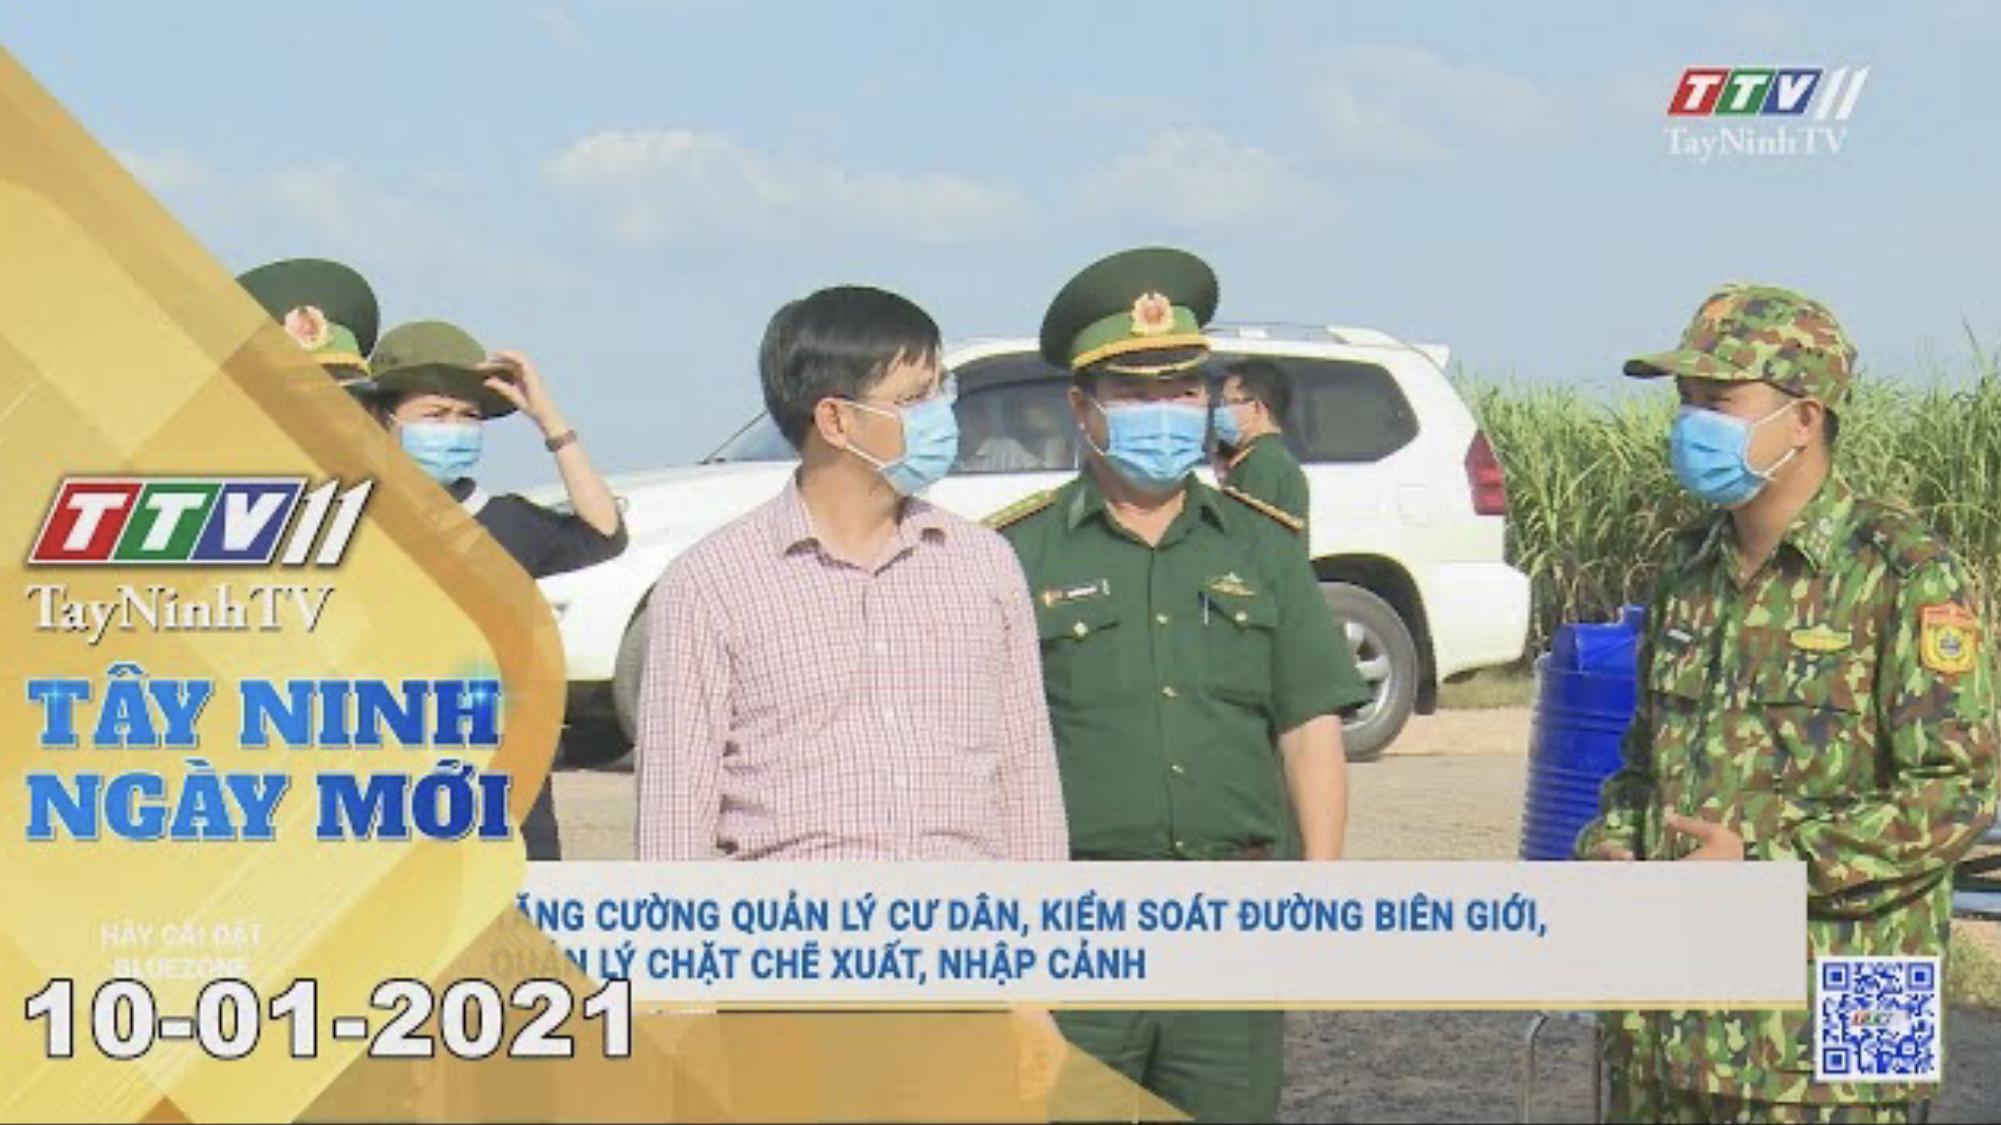 Tây Ninh Ngày Mới 10-01-2021 | Tin tức hôm nay | TayNinhTV